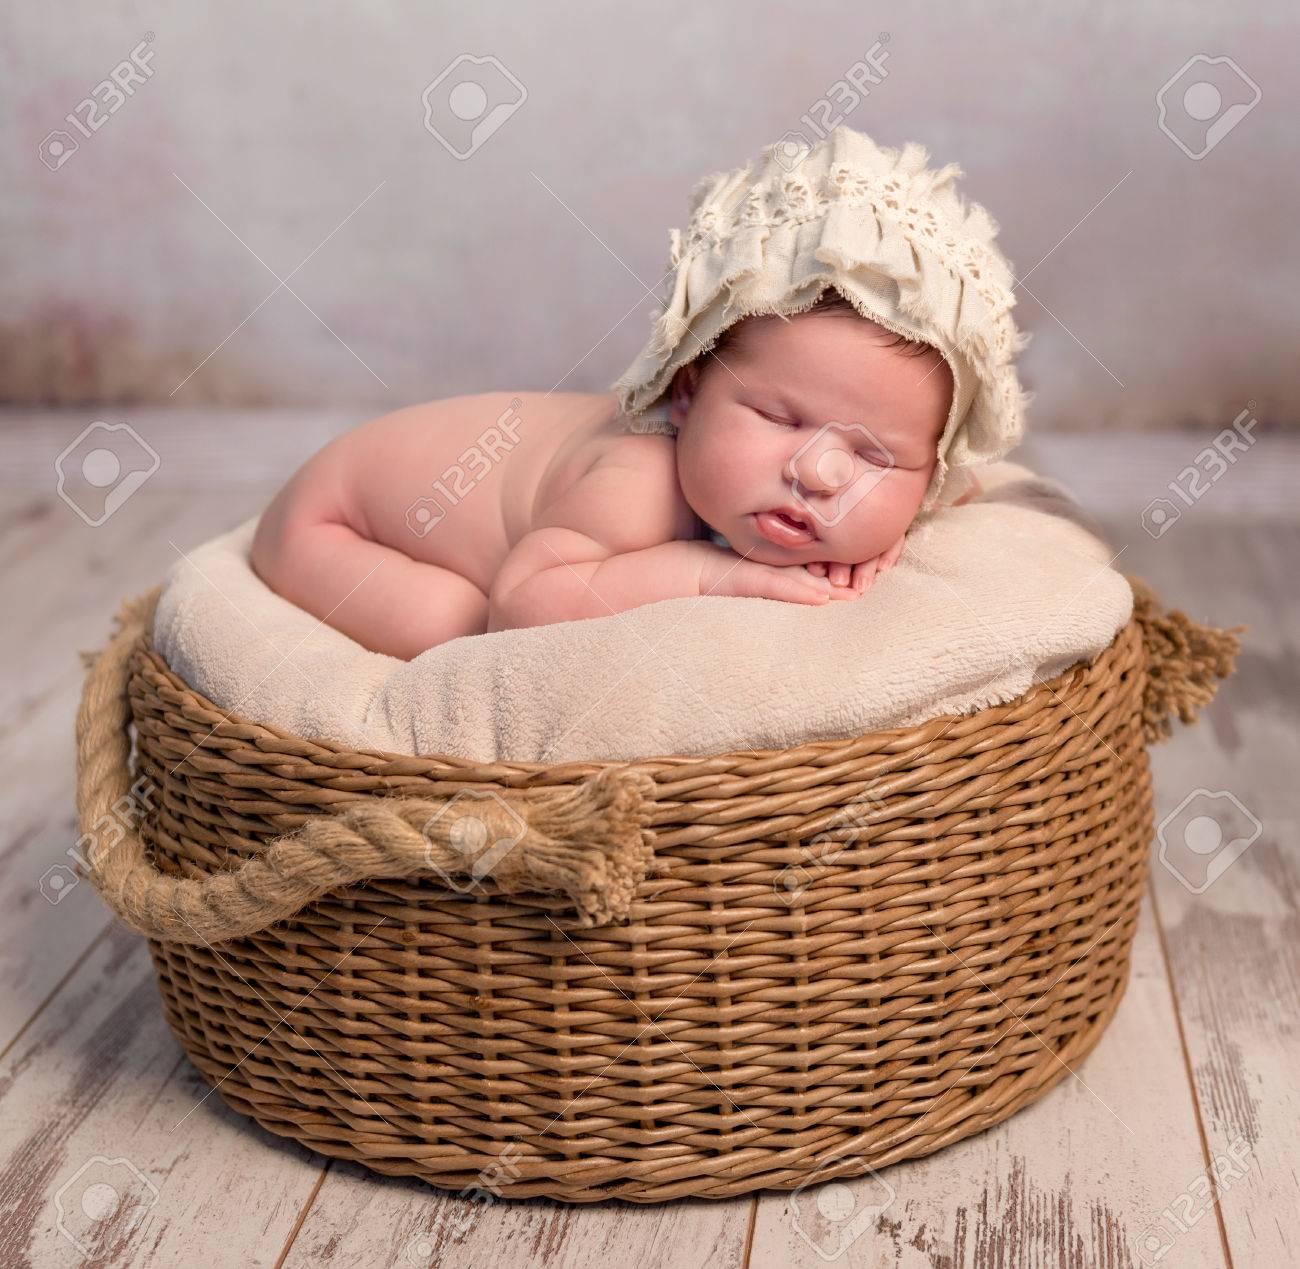 Canasta Para Bebe Recien Nacido.Bebe Recien Nacido Lindo Con Sombrero Para Dormir En Cesta De Mimbre